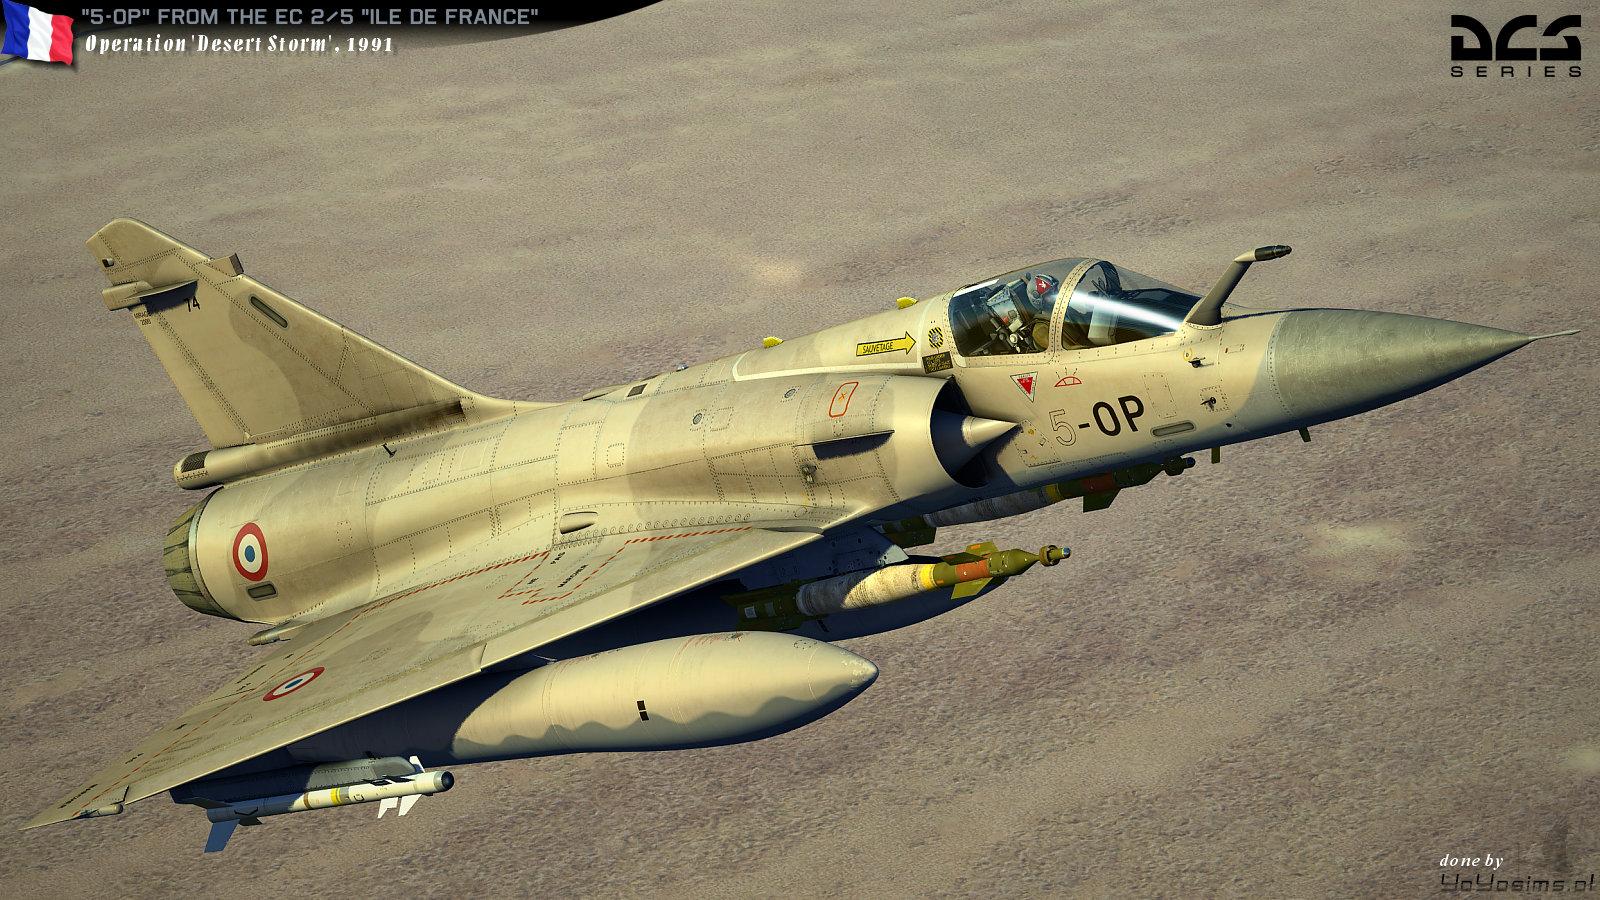 mirage 2000c repaint 5 op desert storm daguet operation 1991 v 5